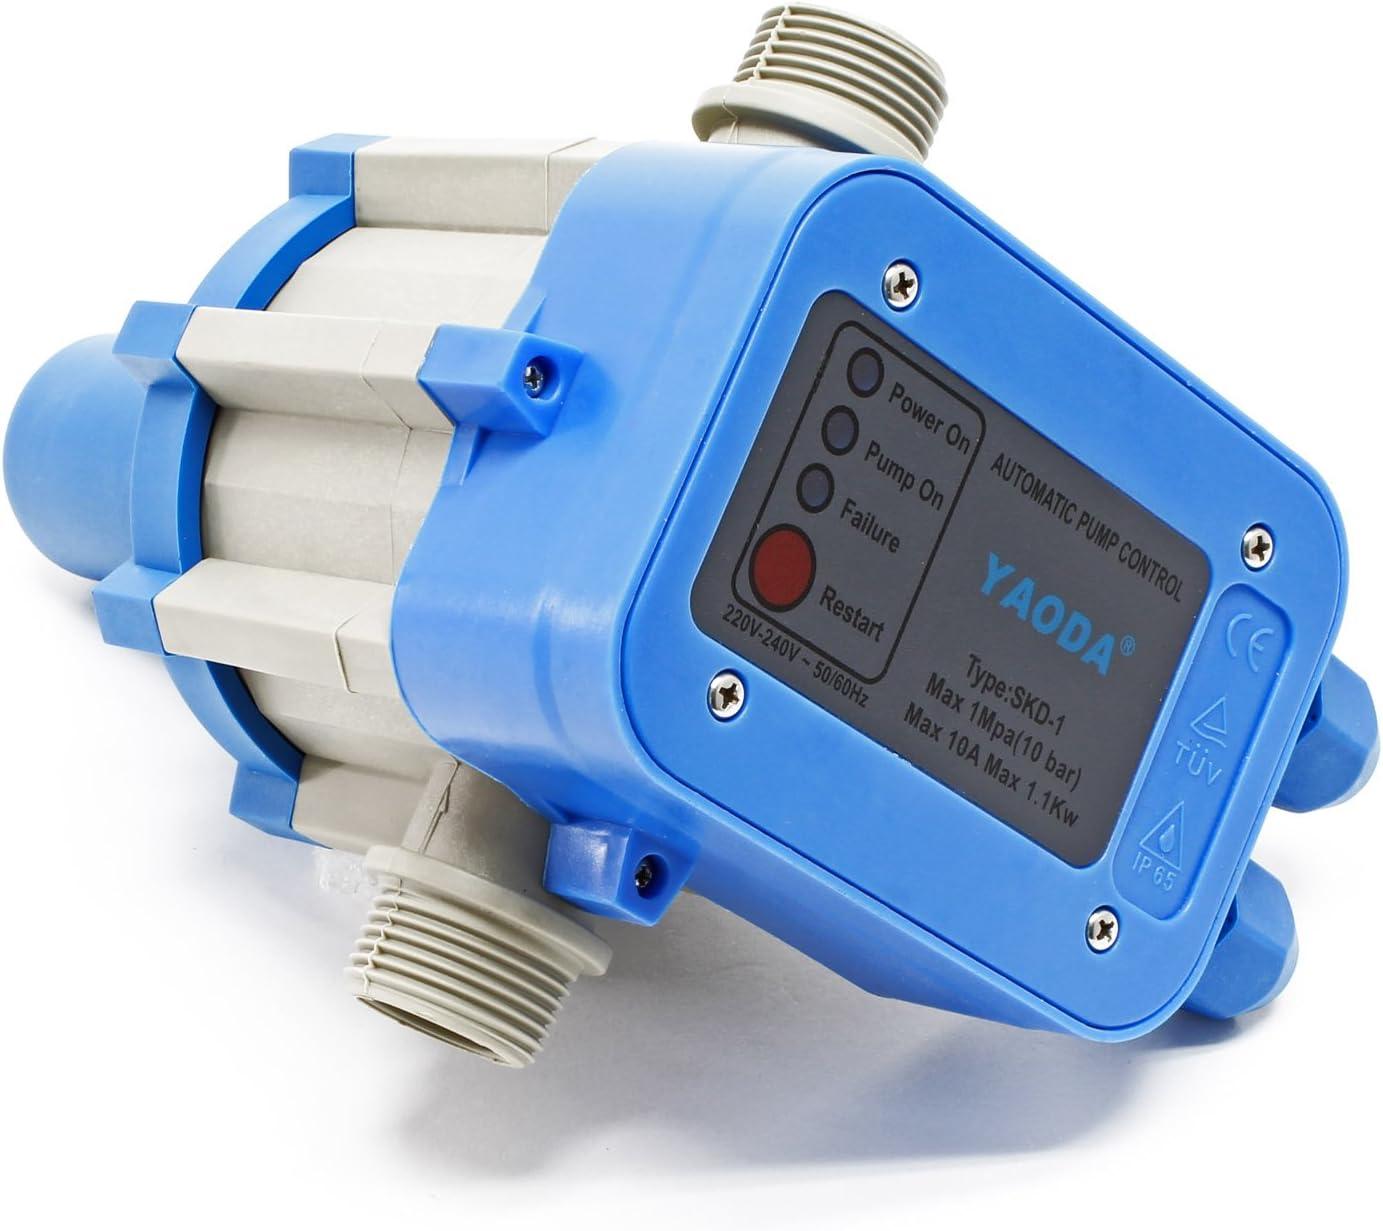 SKD-5 Druckschalter Druckwächter Trockenlaufschutz Pumpensteuerung Gartenpumpe #